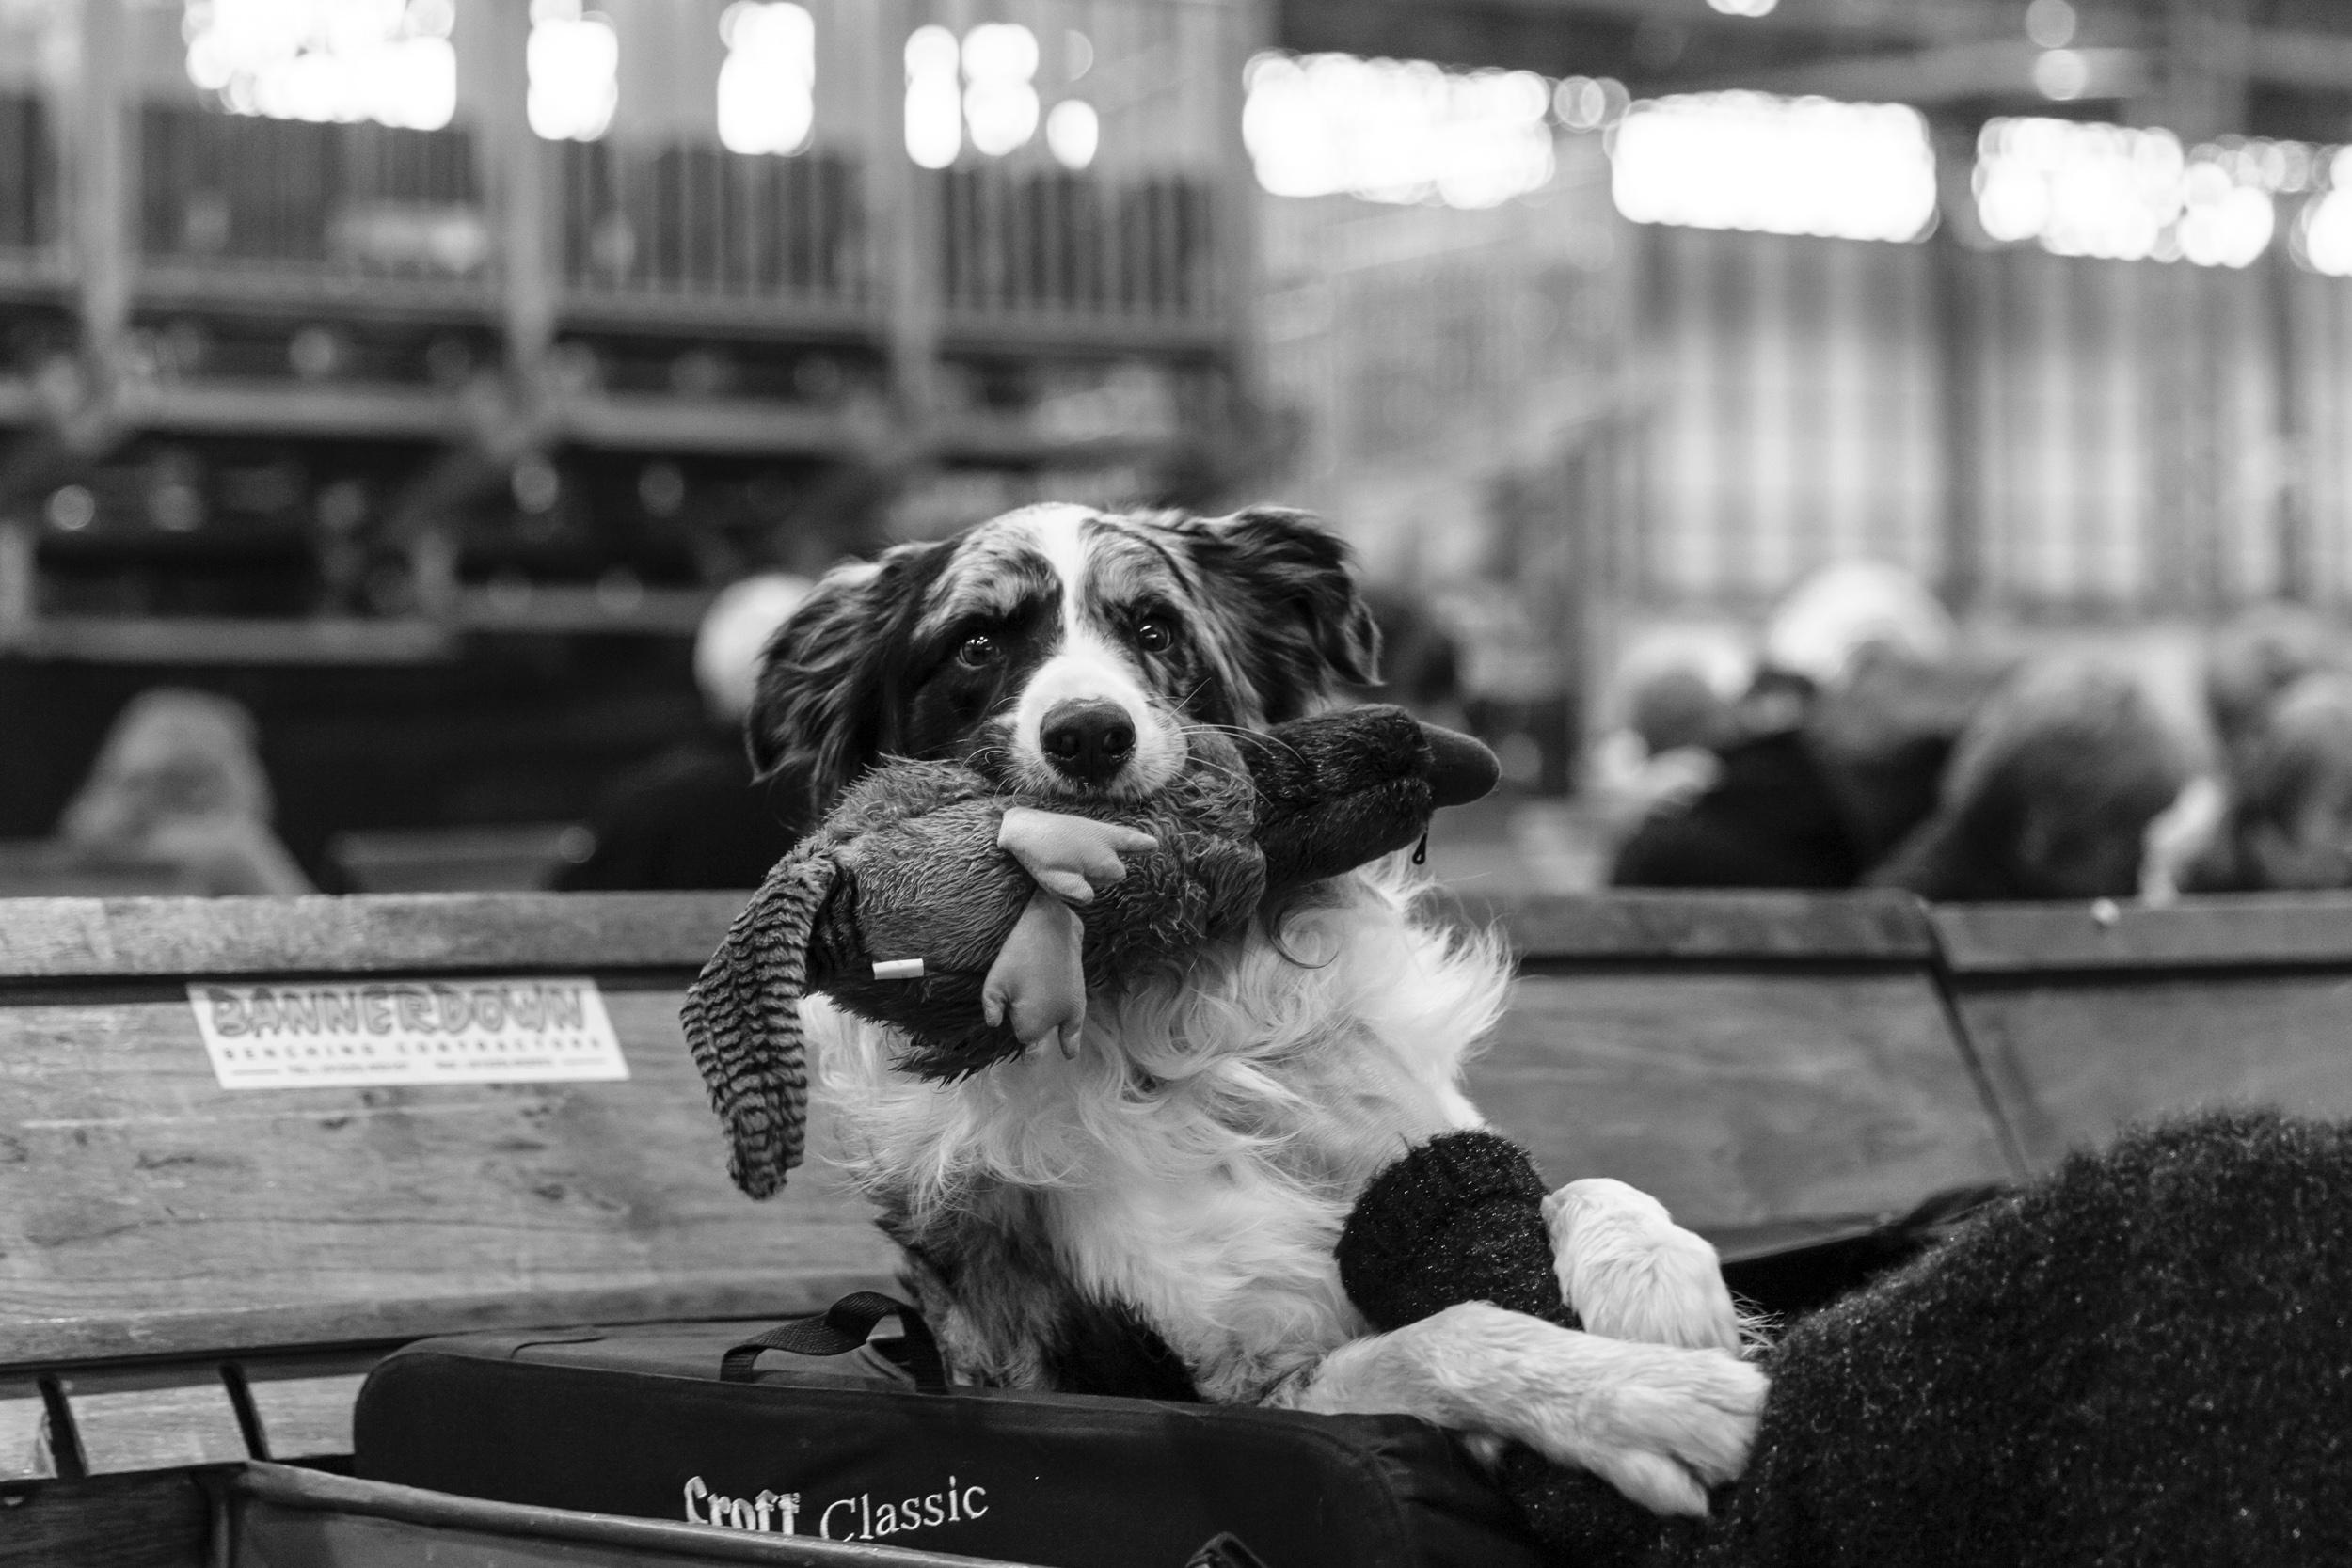 London Pet Photographer at Crufts